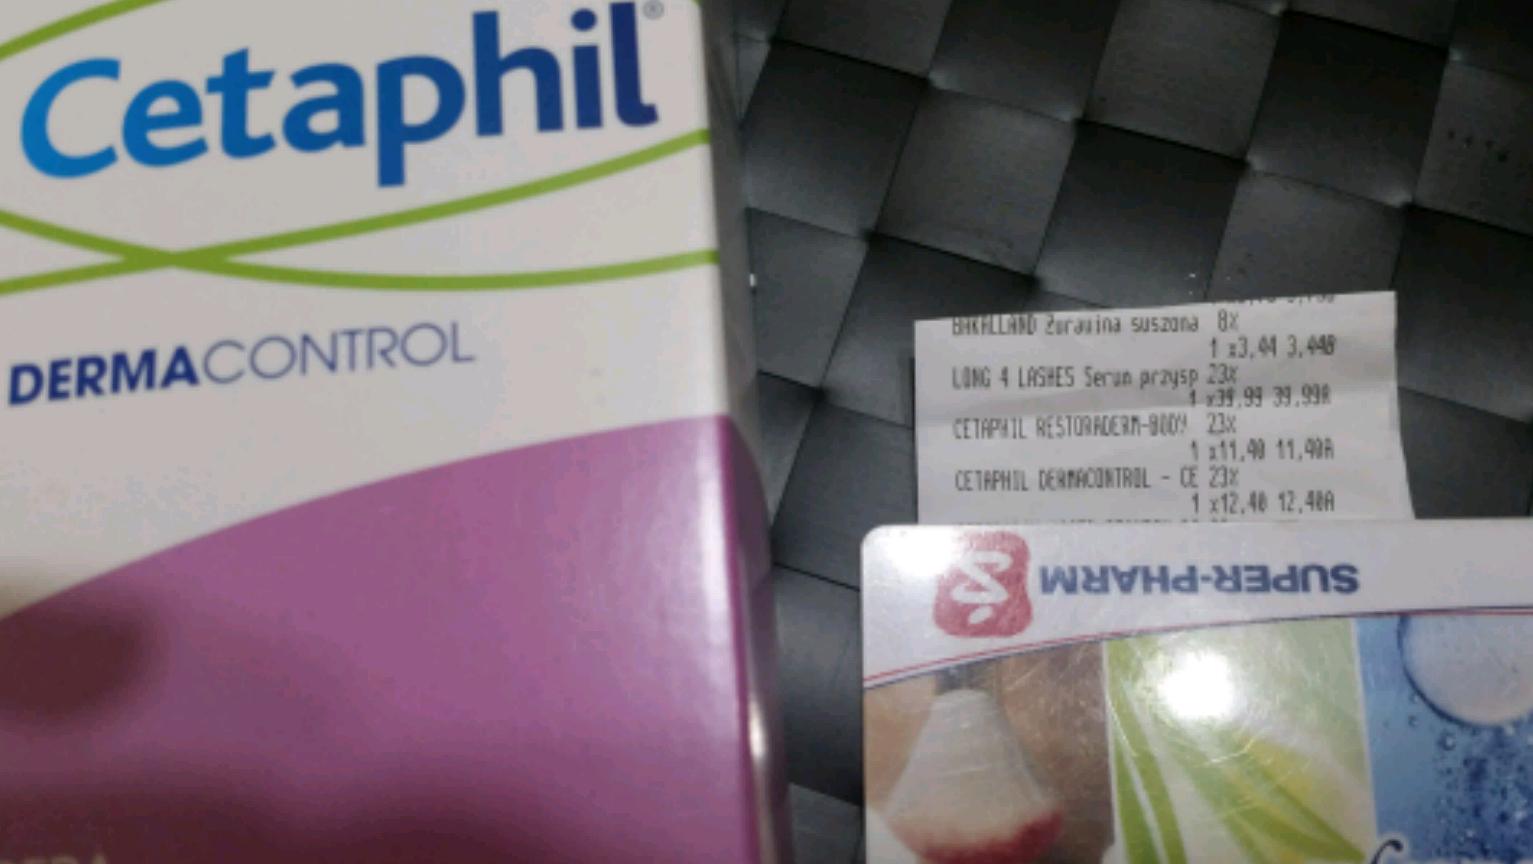 cetaphil dermacontrol  pianka 237ml  za jedyne 12.40 w superpharm.